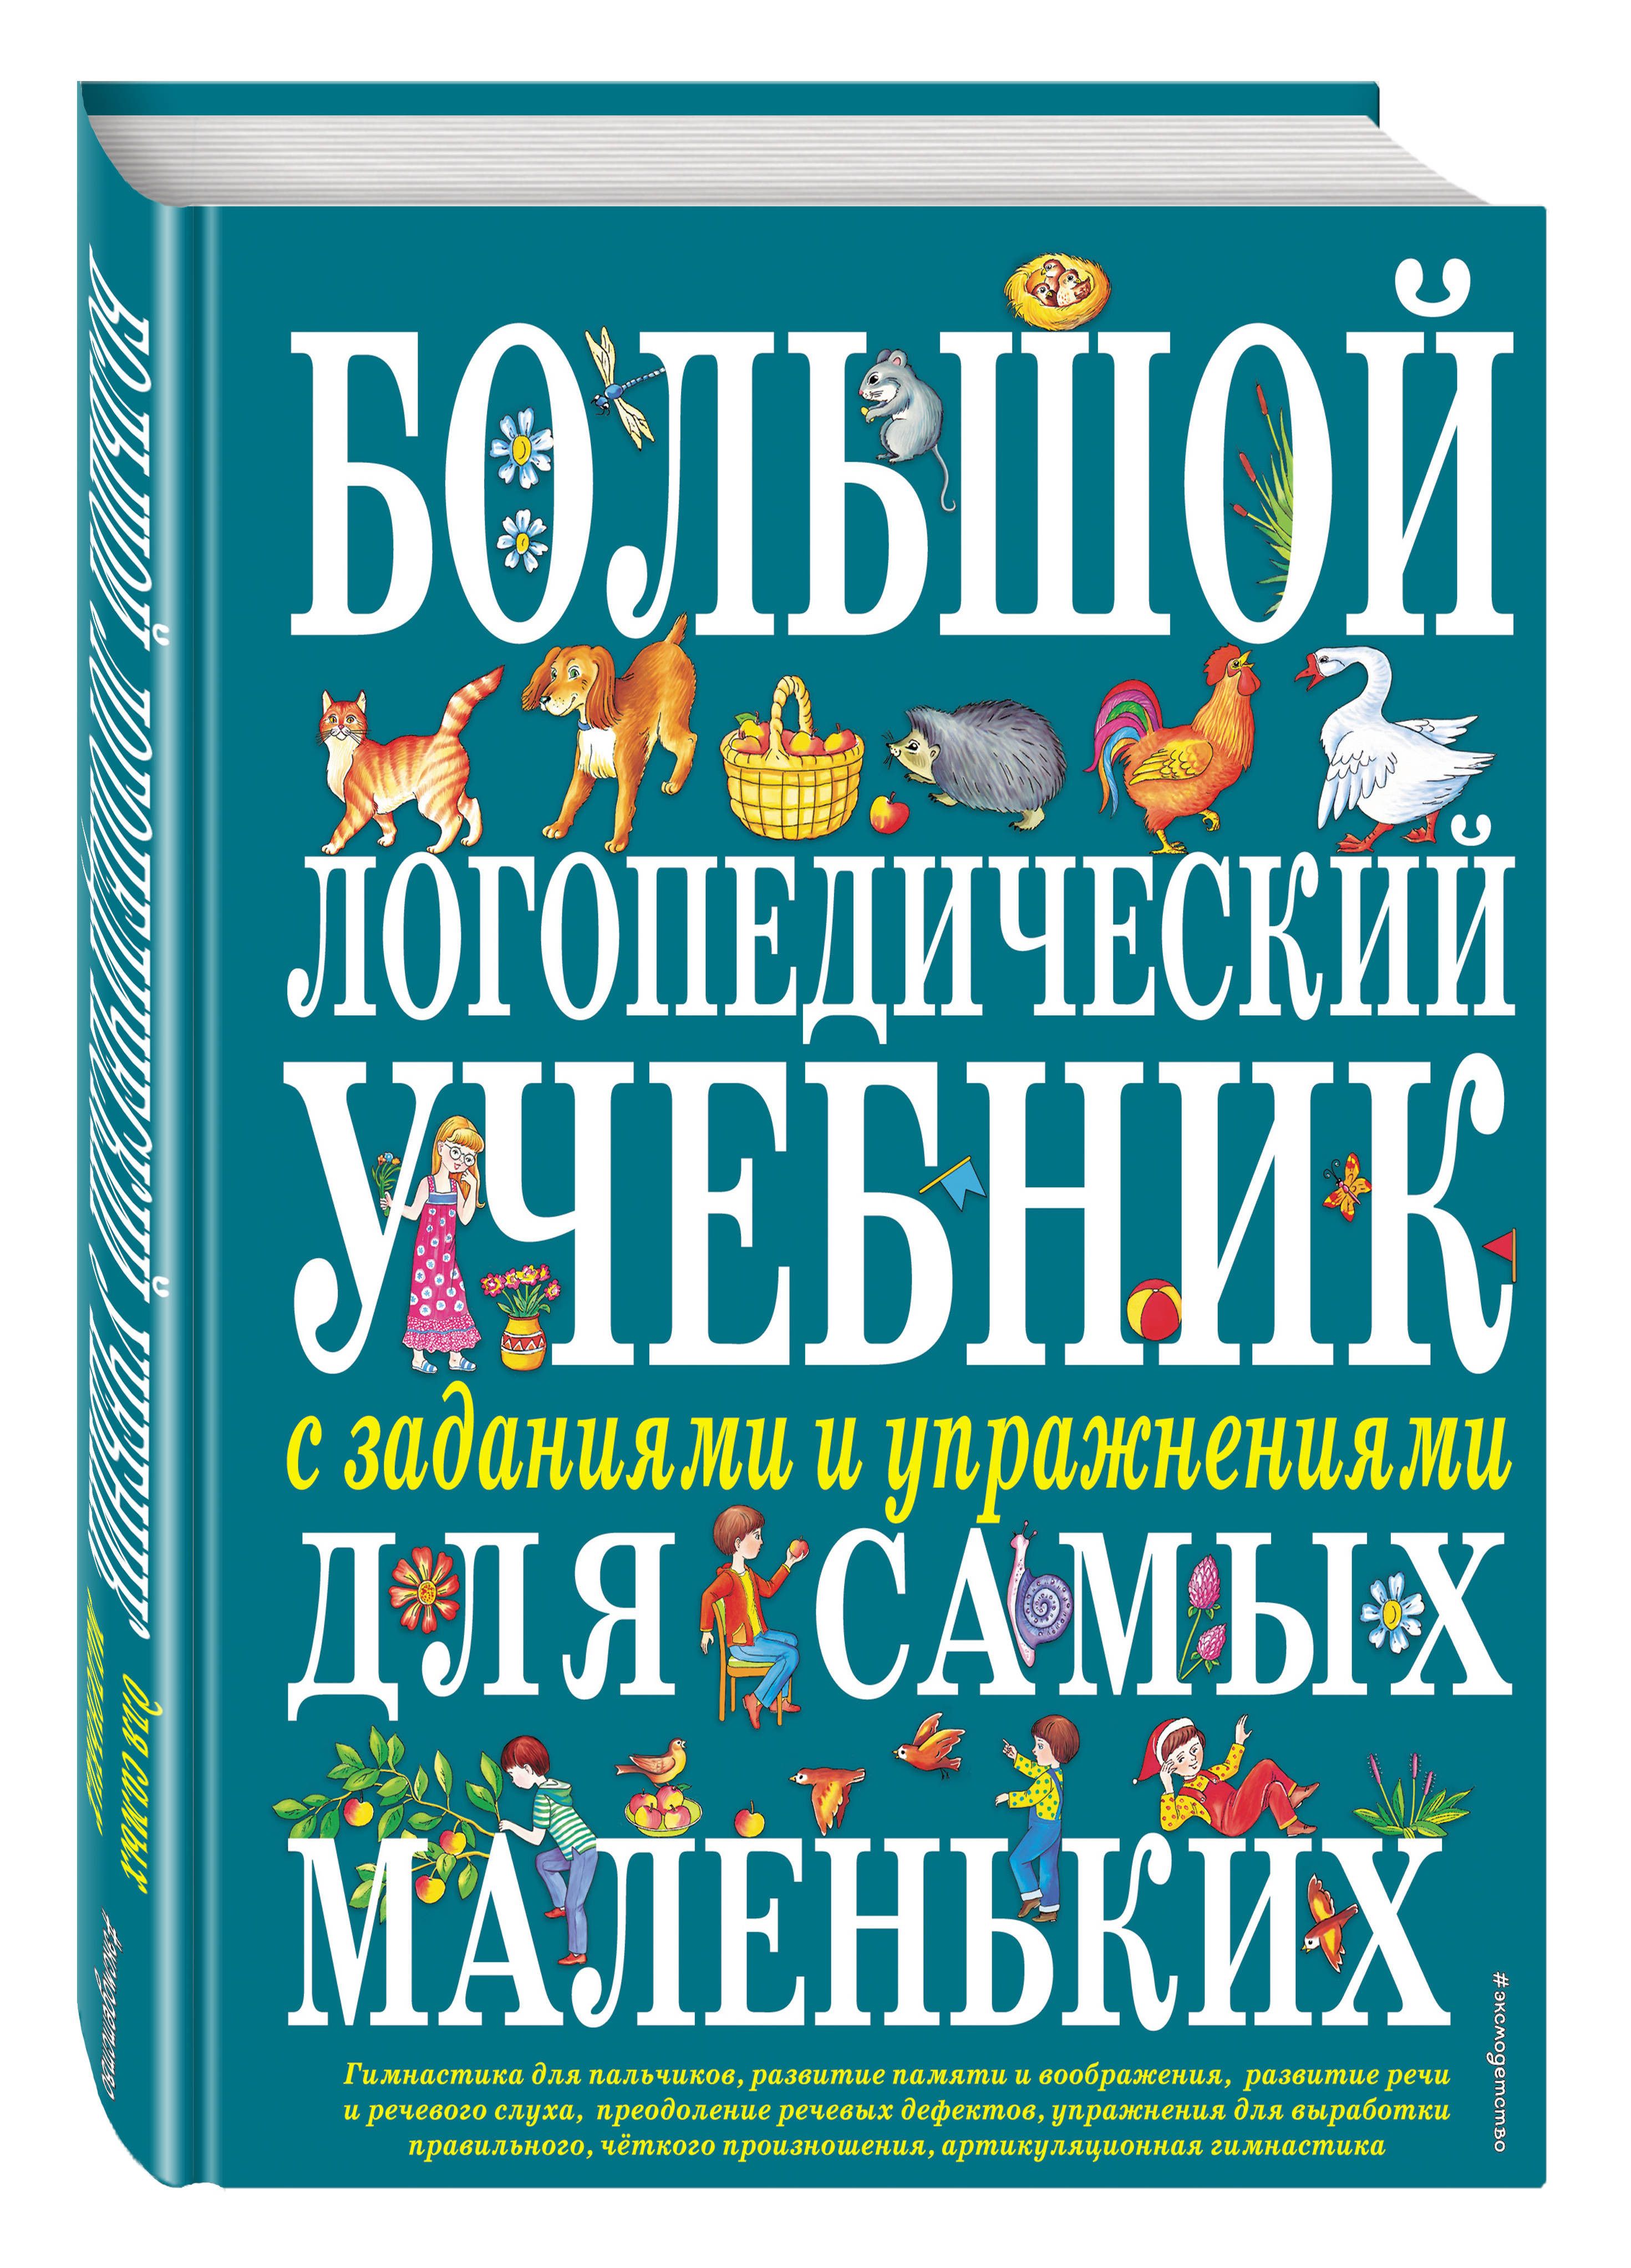 Косинова Е.М. Большой логопедический учебник с заданиями и упражнениями для самых маленьких книги эксмо большой логопедический учебник с заданиями и упражнениями для самых маленьких